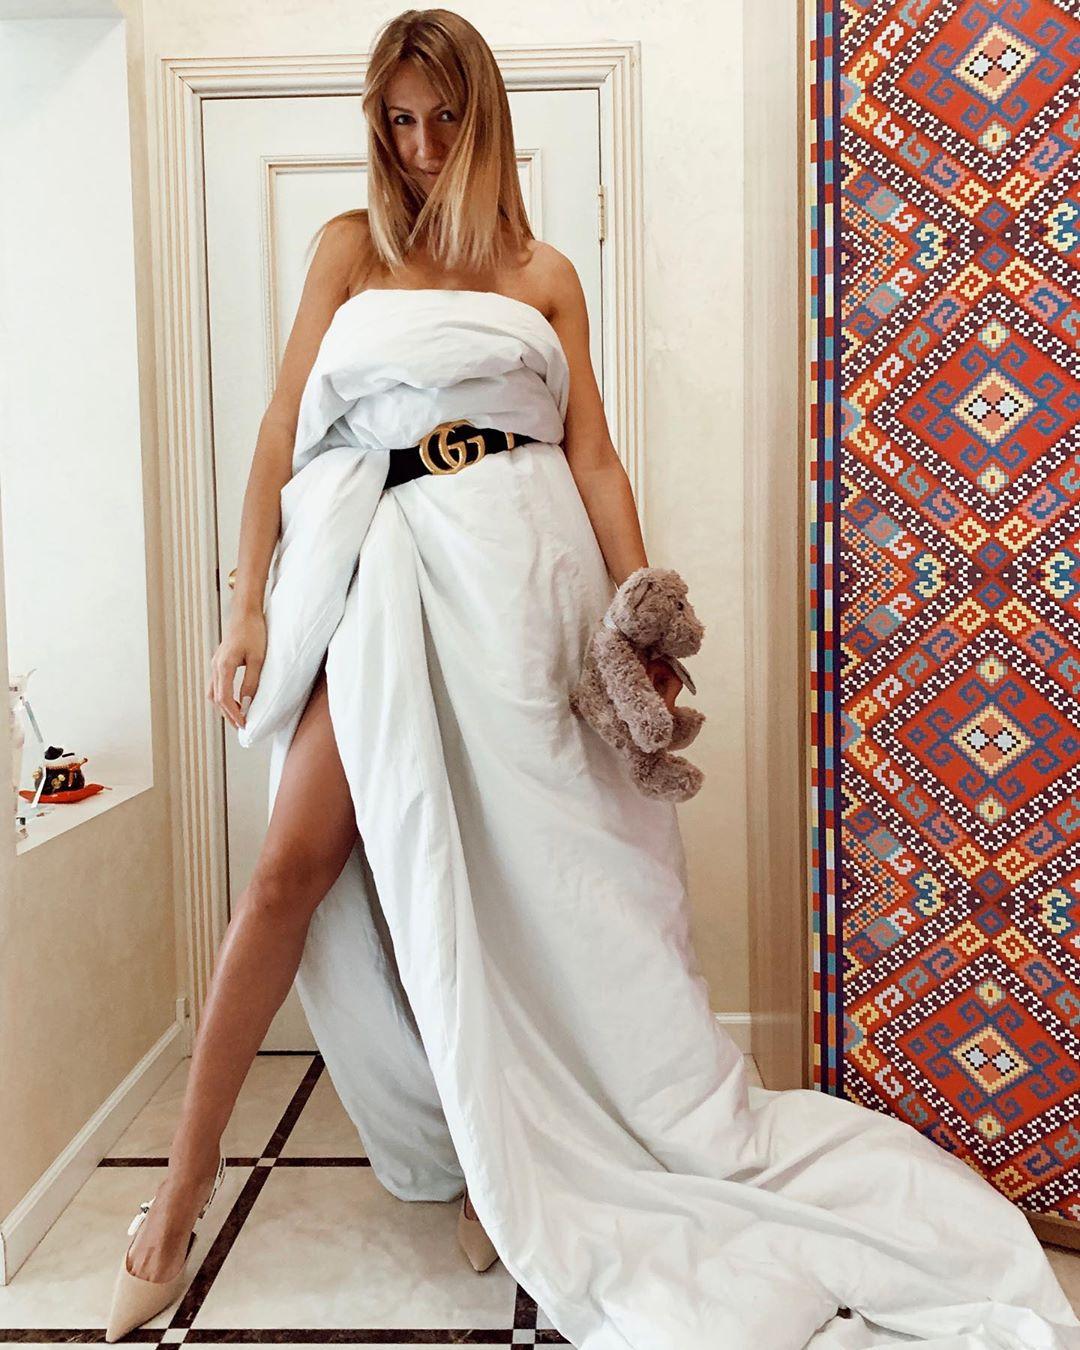 Платье из подушек и одеял. Украинские звезды примеряют ...